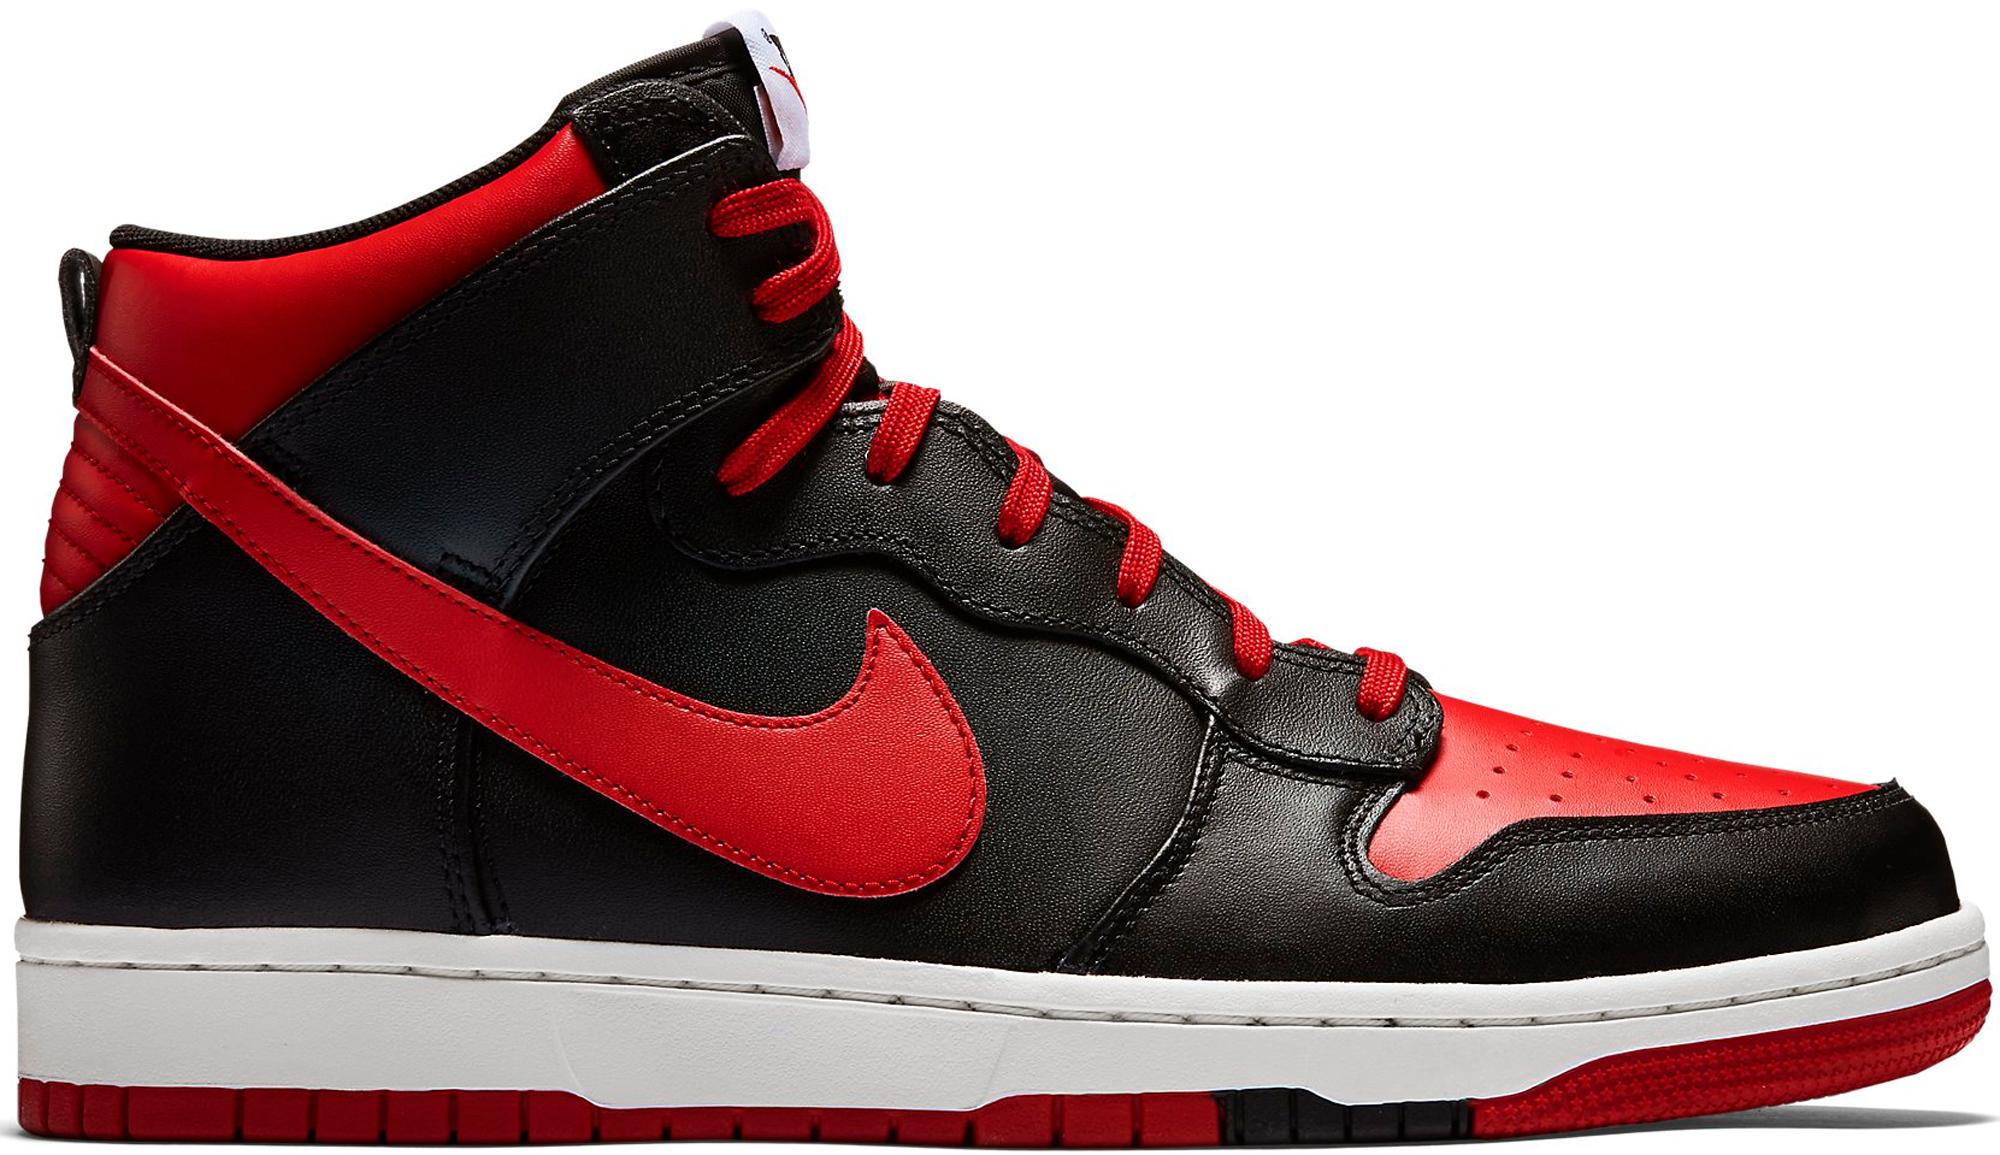 Nike Dunk CMFT Bred - 705434-600